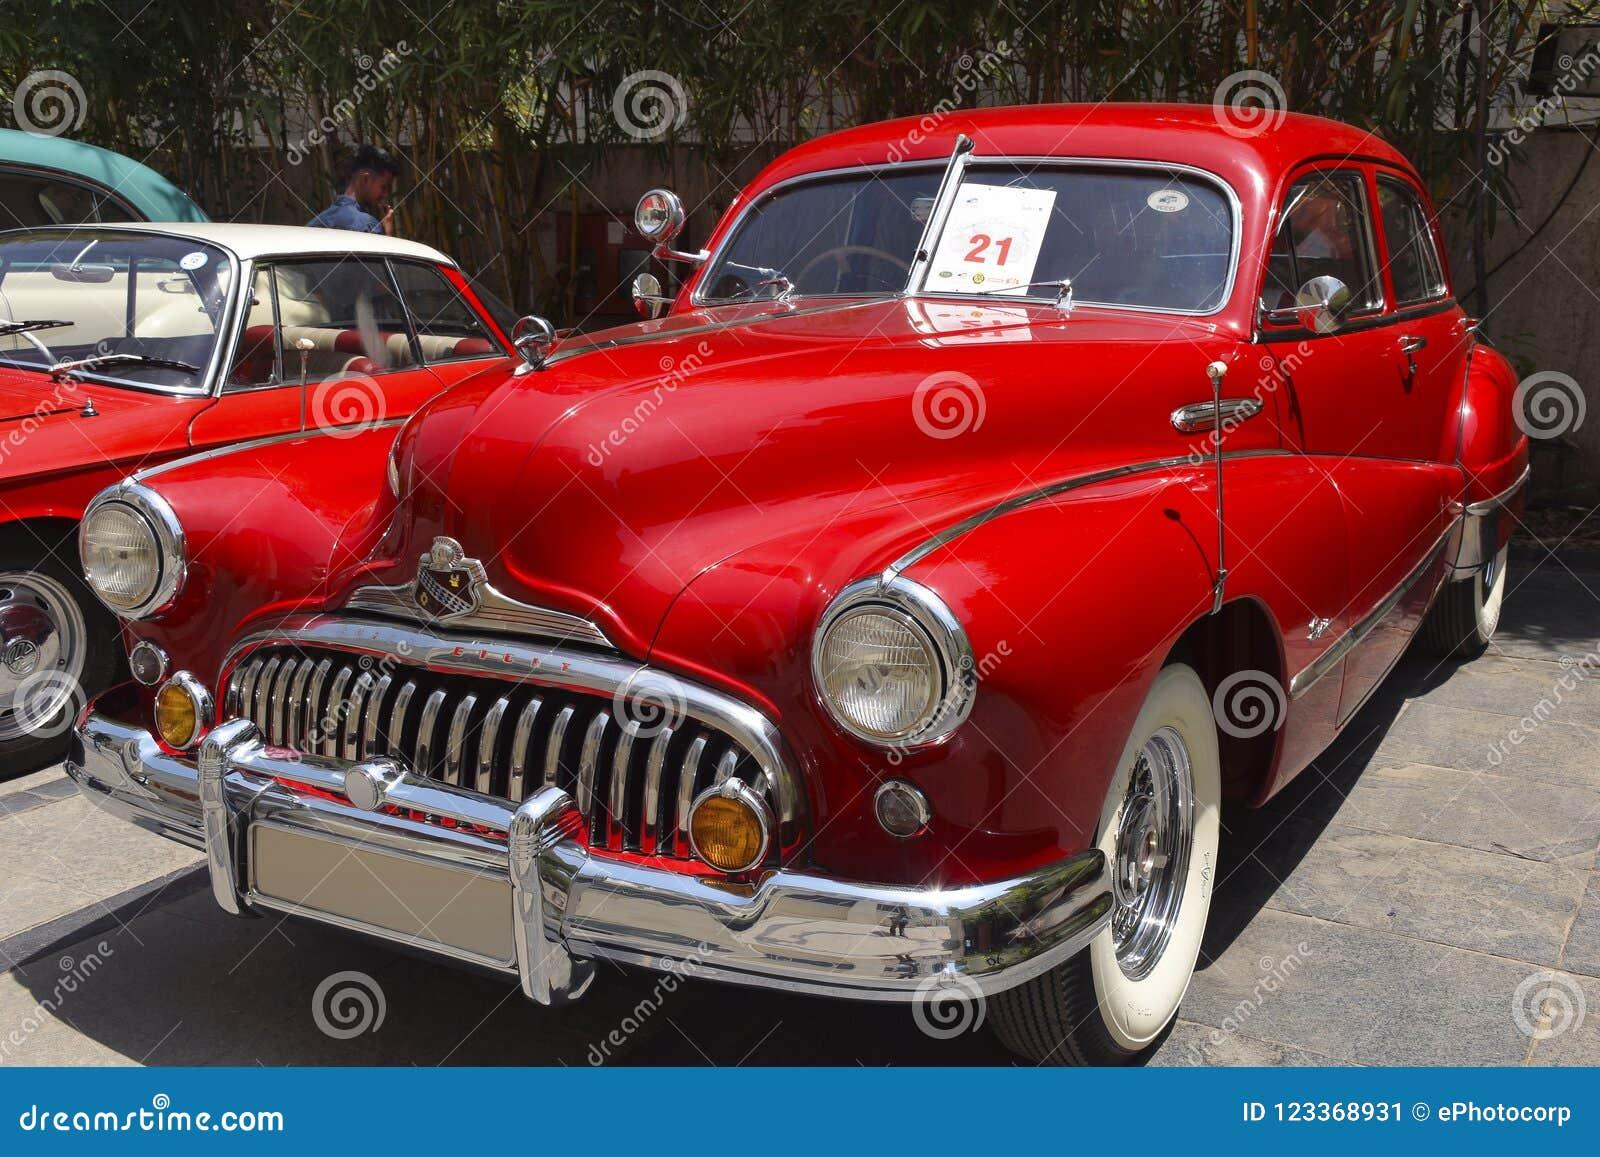 1949年别克超级敞篷车巡航的Lo, VCCCI葡萄酒和经典汽车集会, 2018年4月1日, Kharadi,浦那,马哈拉施特拉